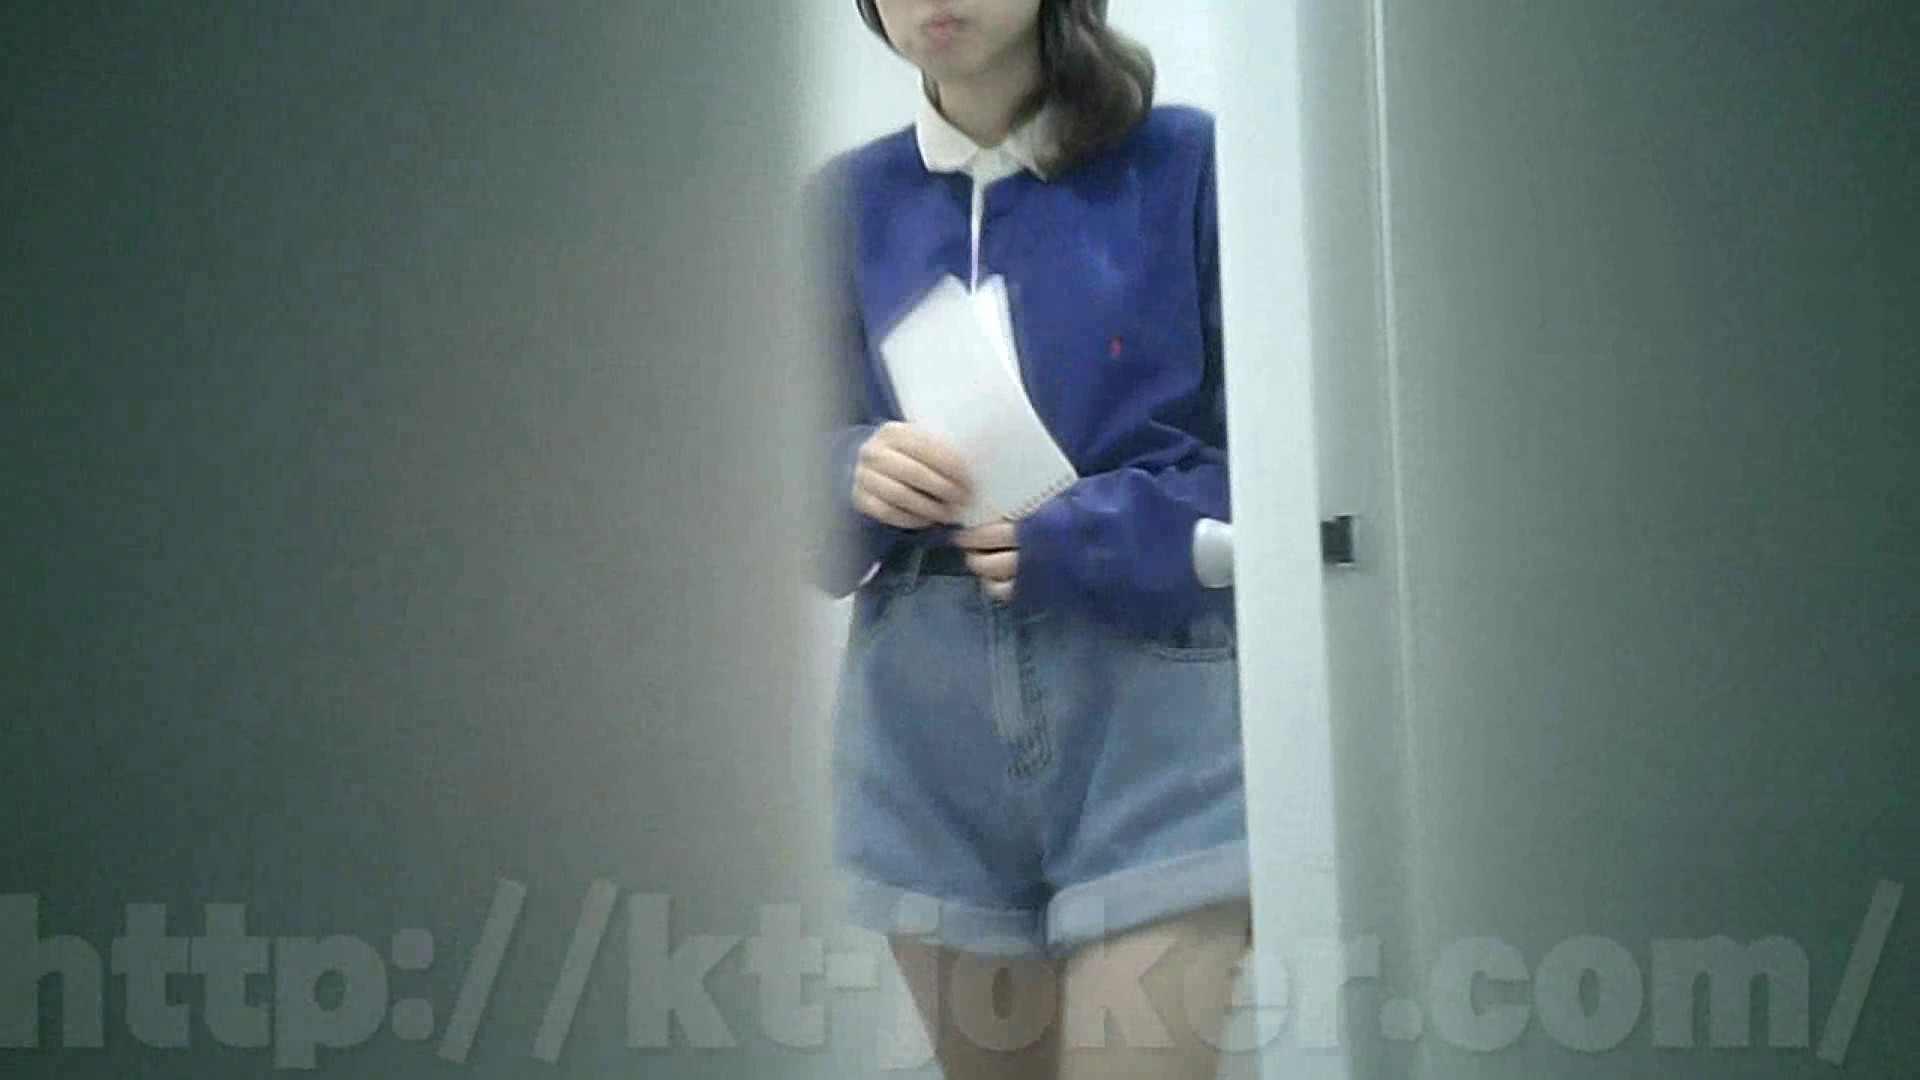 有名大学女性洗面所 vol.35 安定の2カメ 最近の女性は保守的な下着が多め? 潜入 おまんこ動画流出 93画像 8